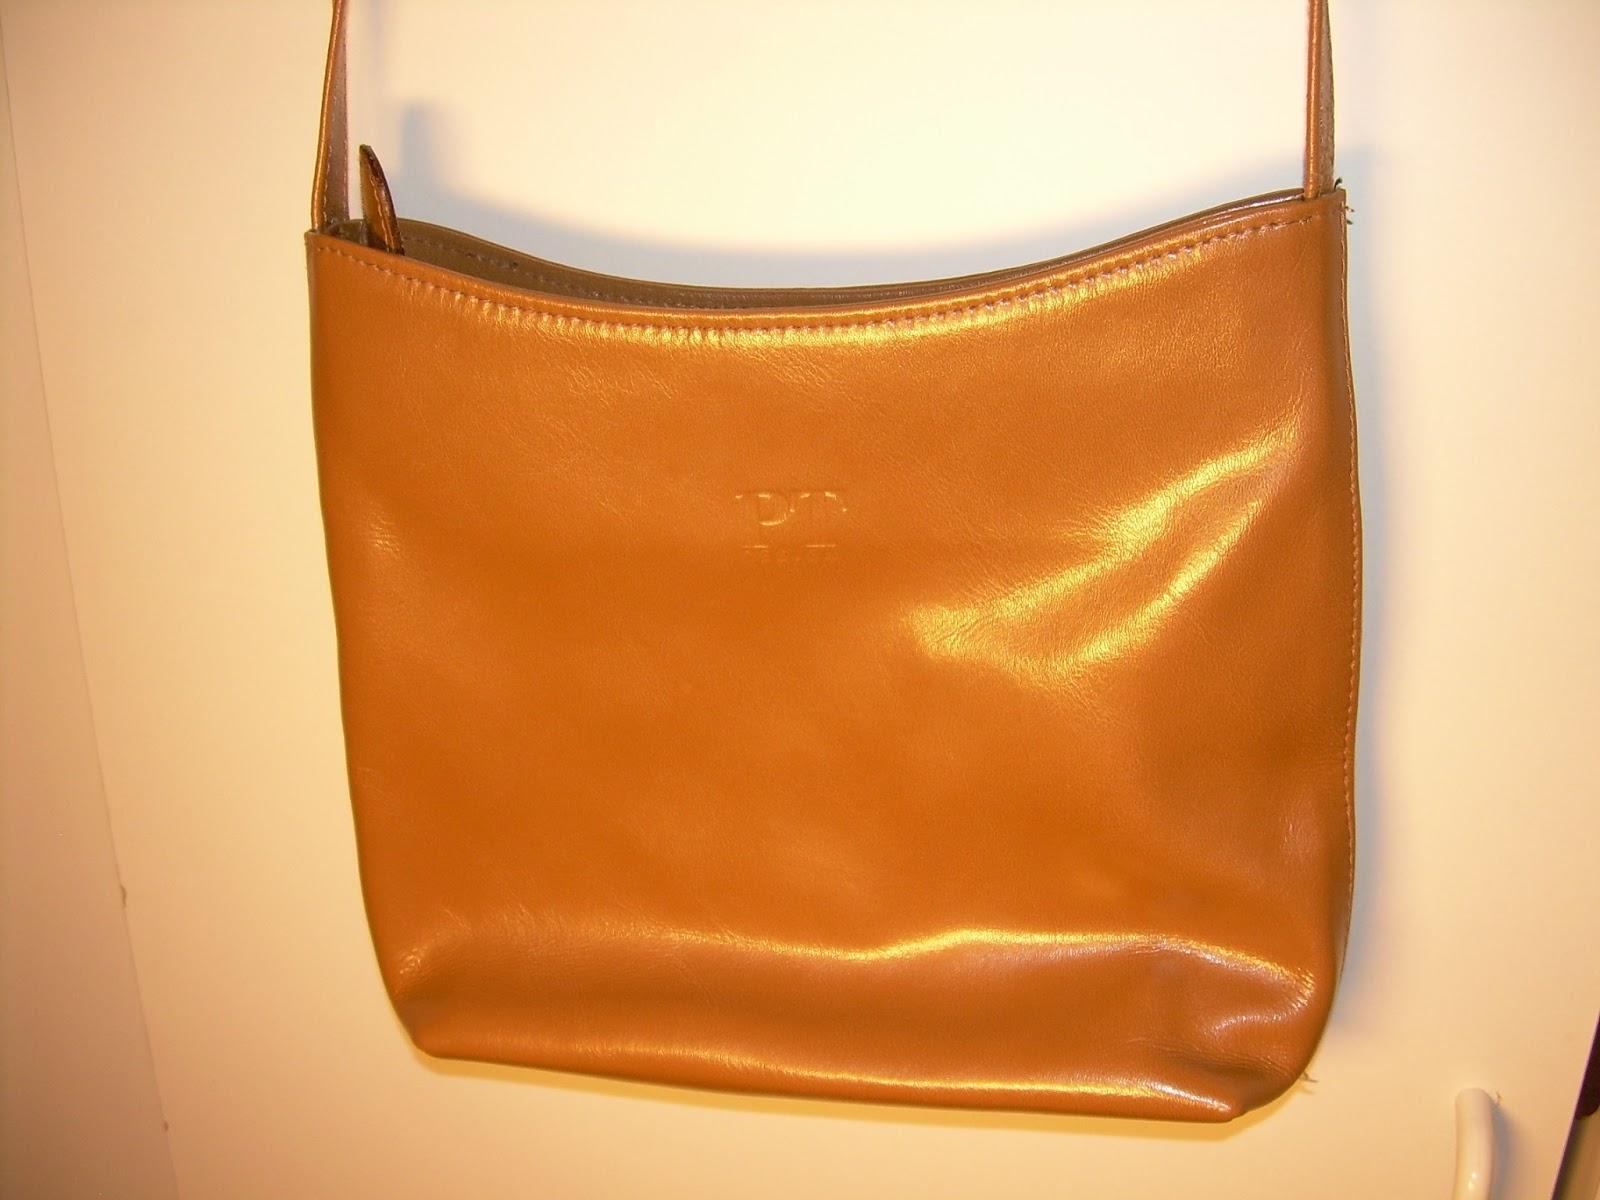 Pt design käsilaukku : Toisen k?den laukku olkalaukku pt design myyty